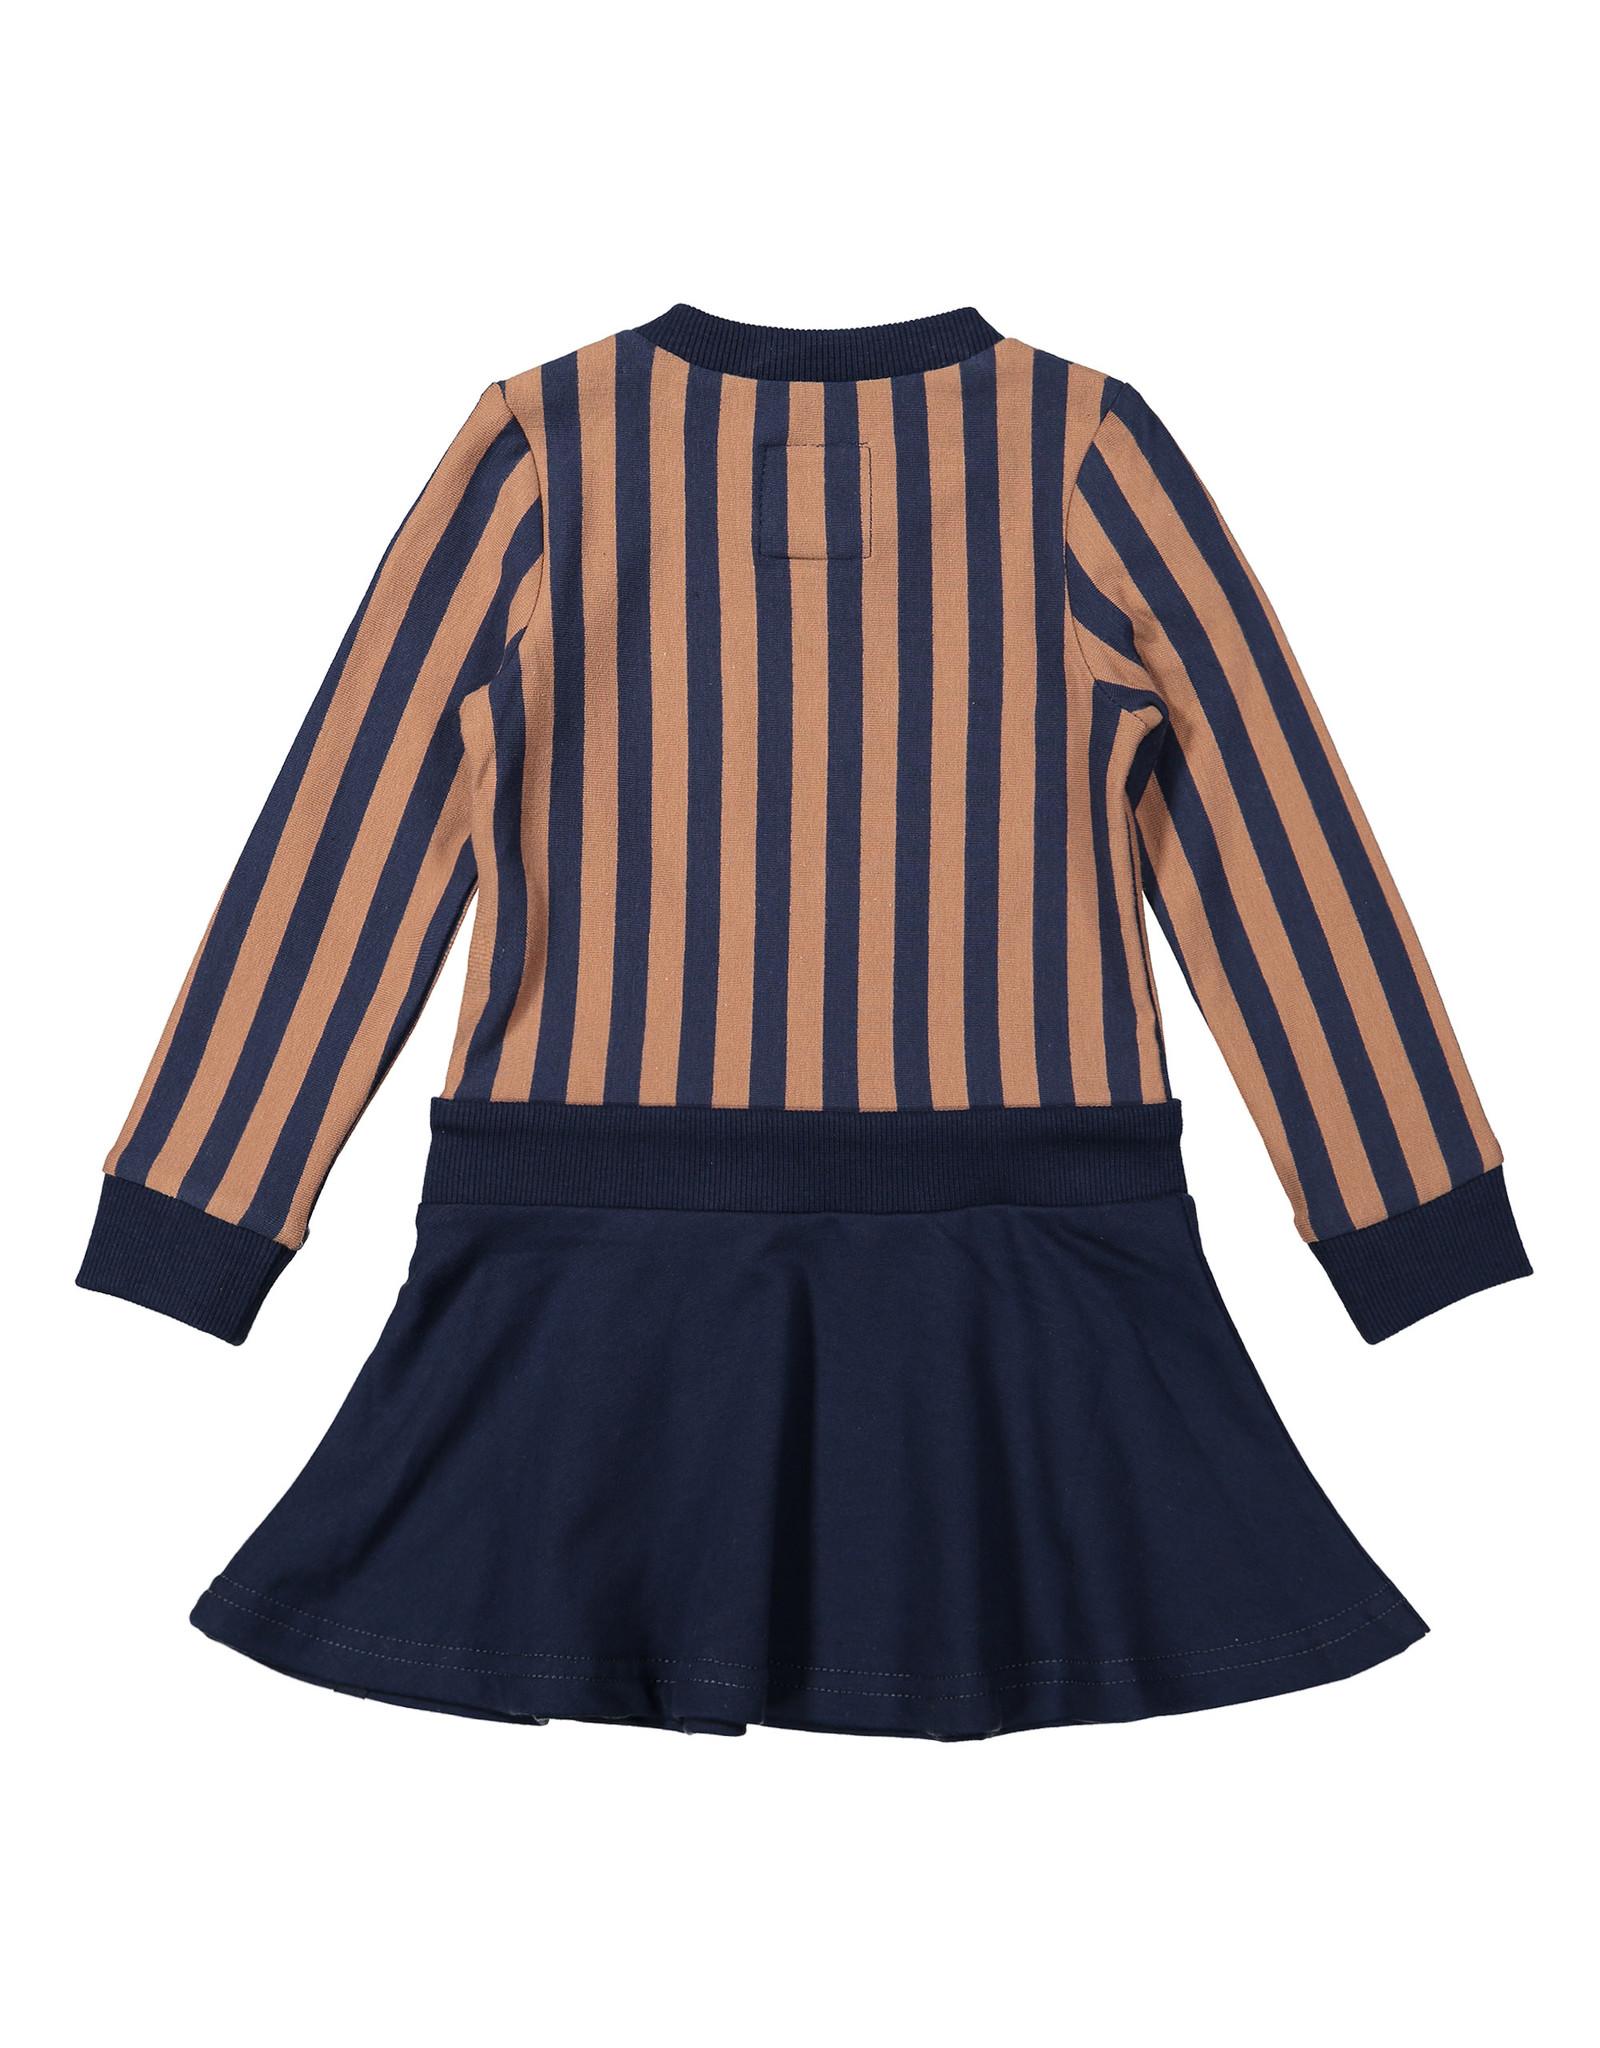 Koko Noko Koko Noko meisjes jurk Stripe Camel Navy